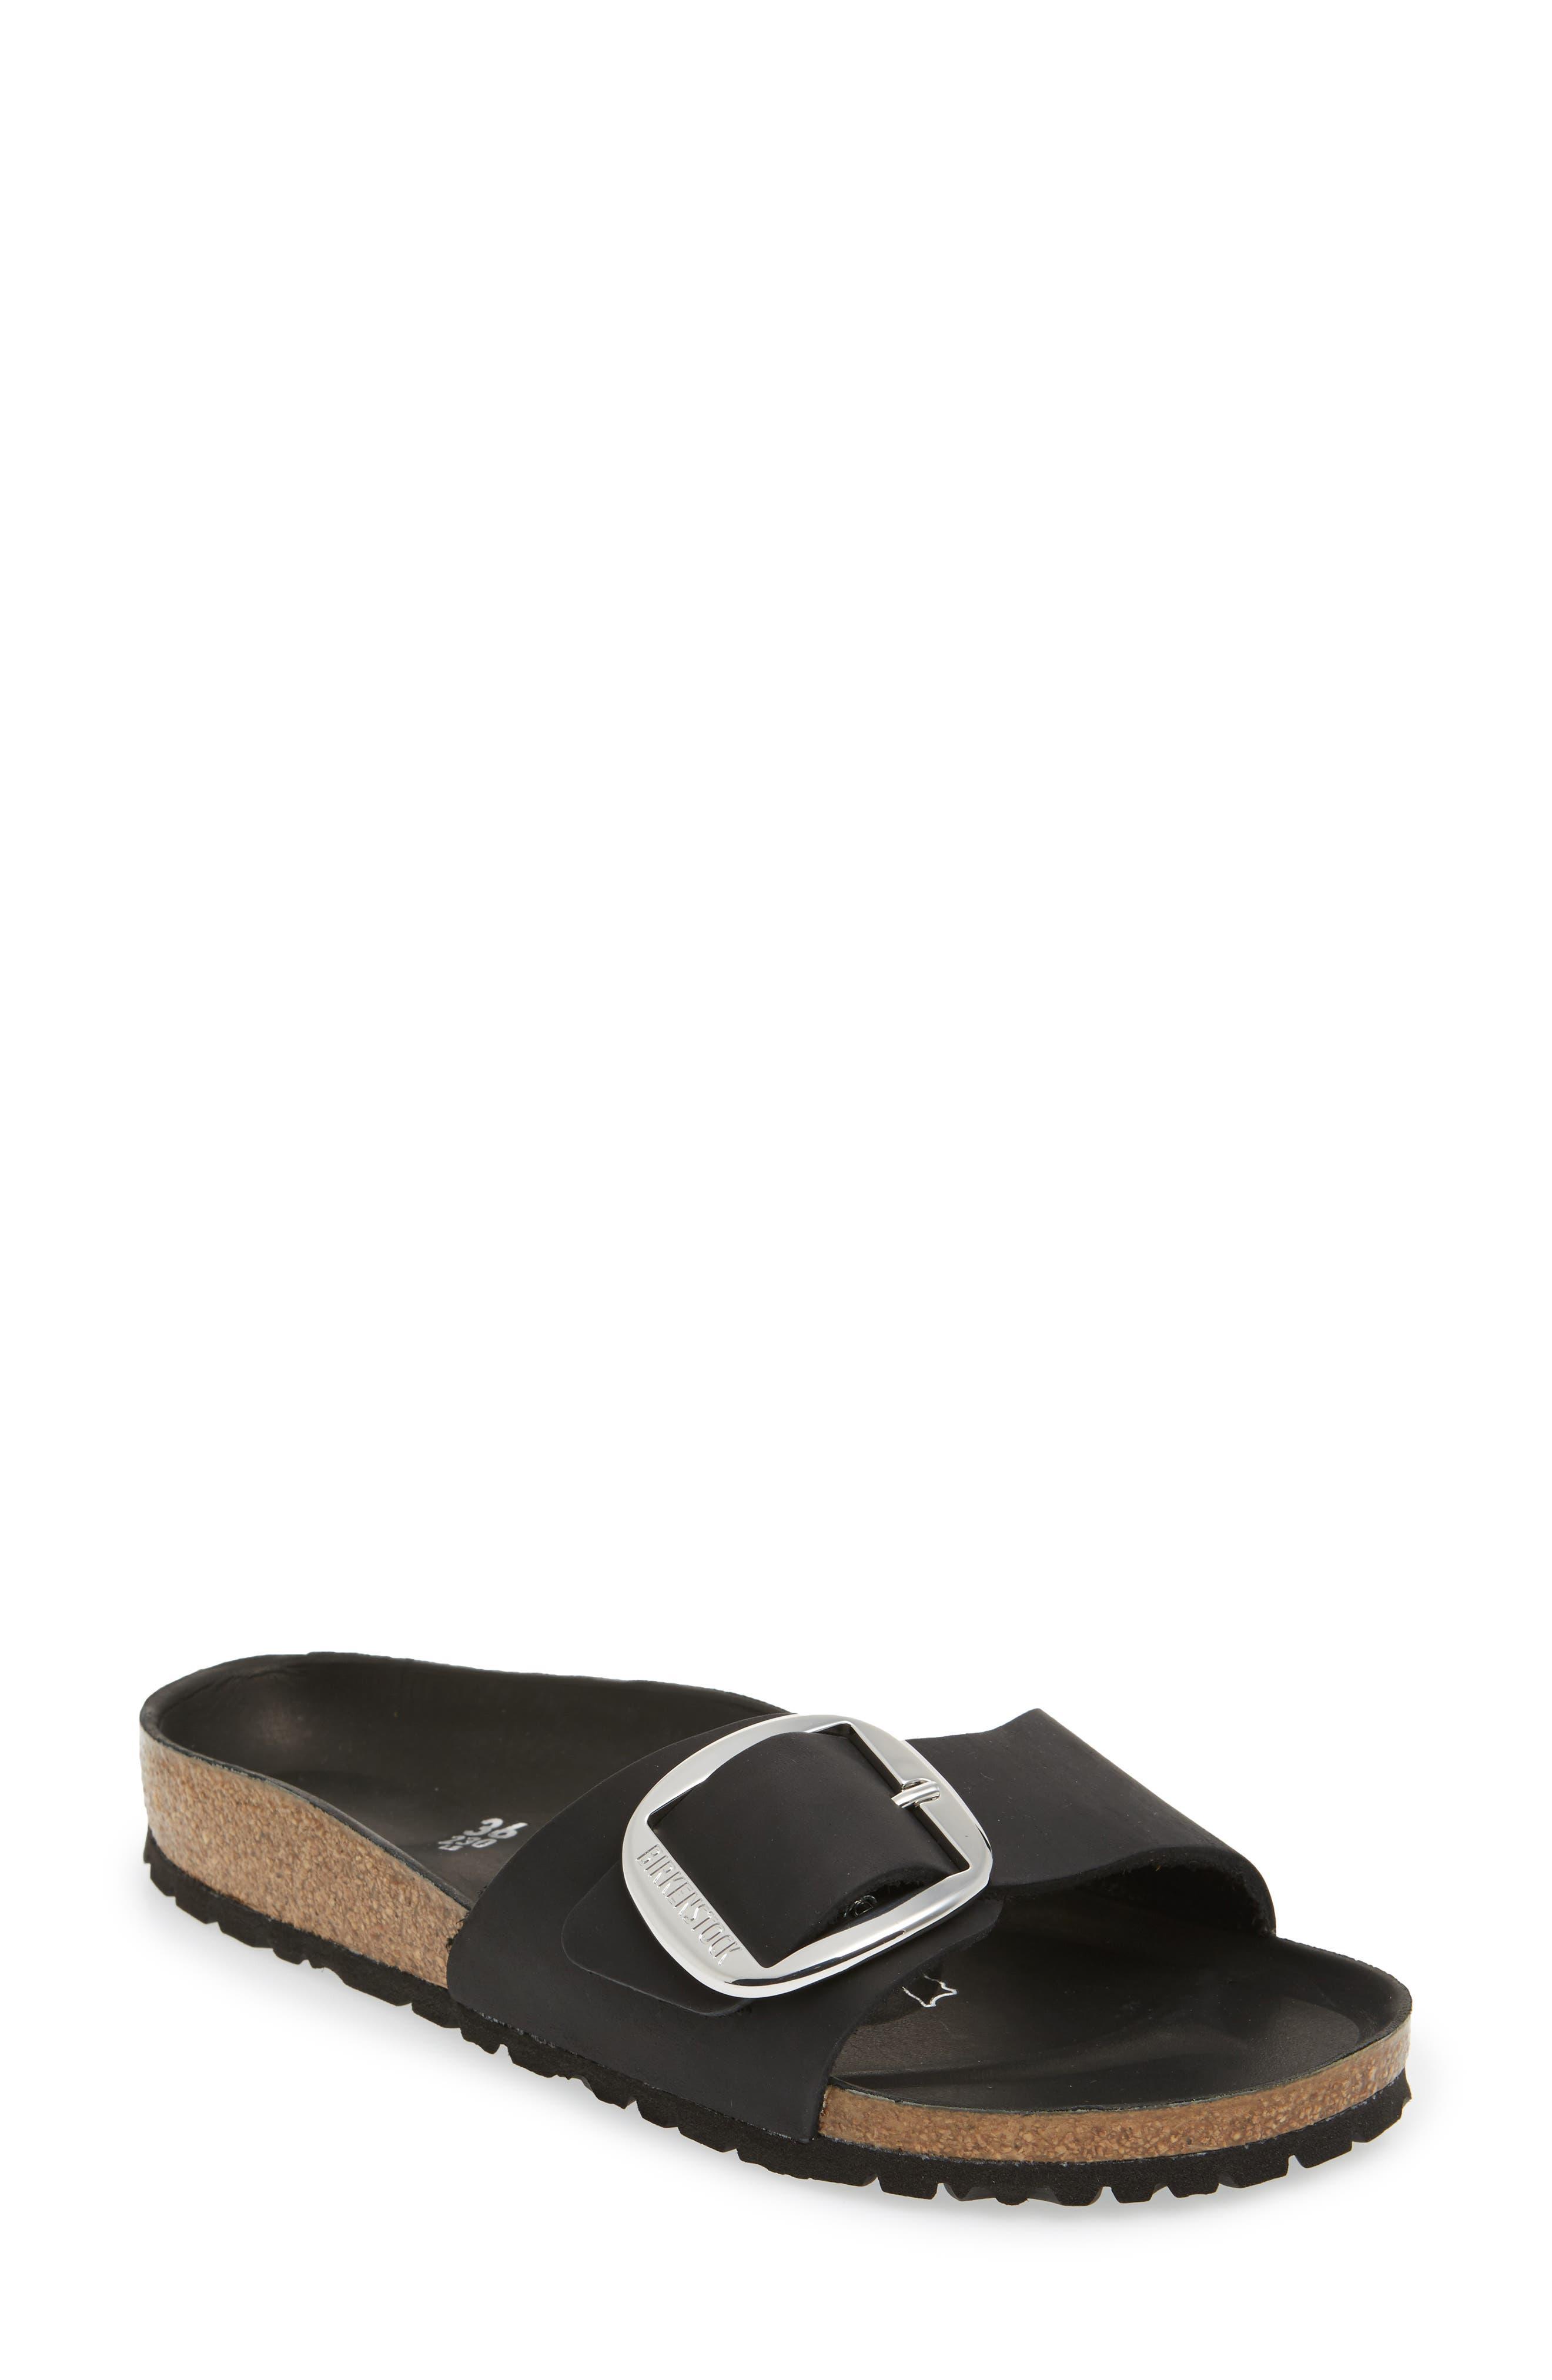 Madrid Big Buckle Slide Sandal,                         Main,                         color, Black Leather